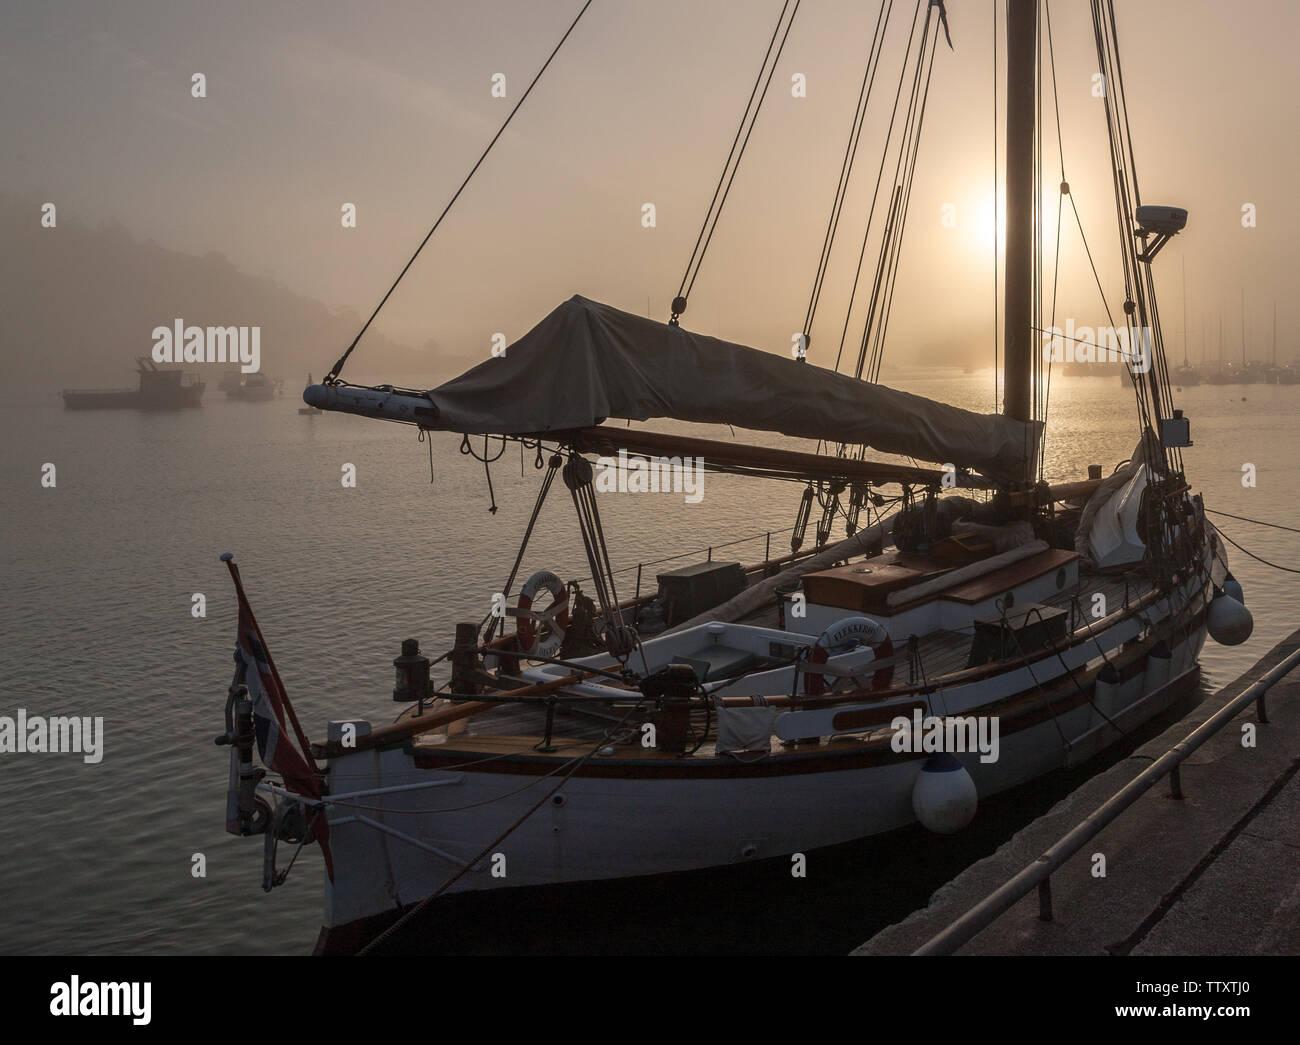 Crosshaven, Cork, Irlande. 18 Juin, 2019. Tôt le matin, le brouillard commence à se dissiper avec le soleil du matin sur le yacht norvégien qui Flekkeroy est lié à l'embarcadère à Crosshaven, co Cork, Irlande. Crédit: David Creedon/Alamy Live News Photo Stock